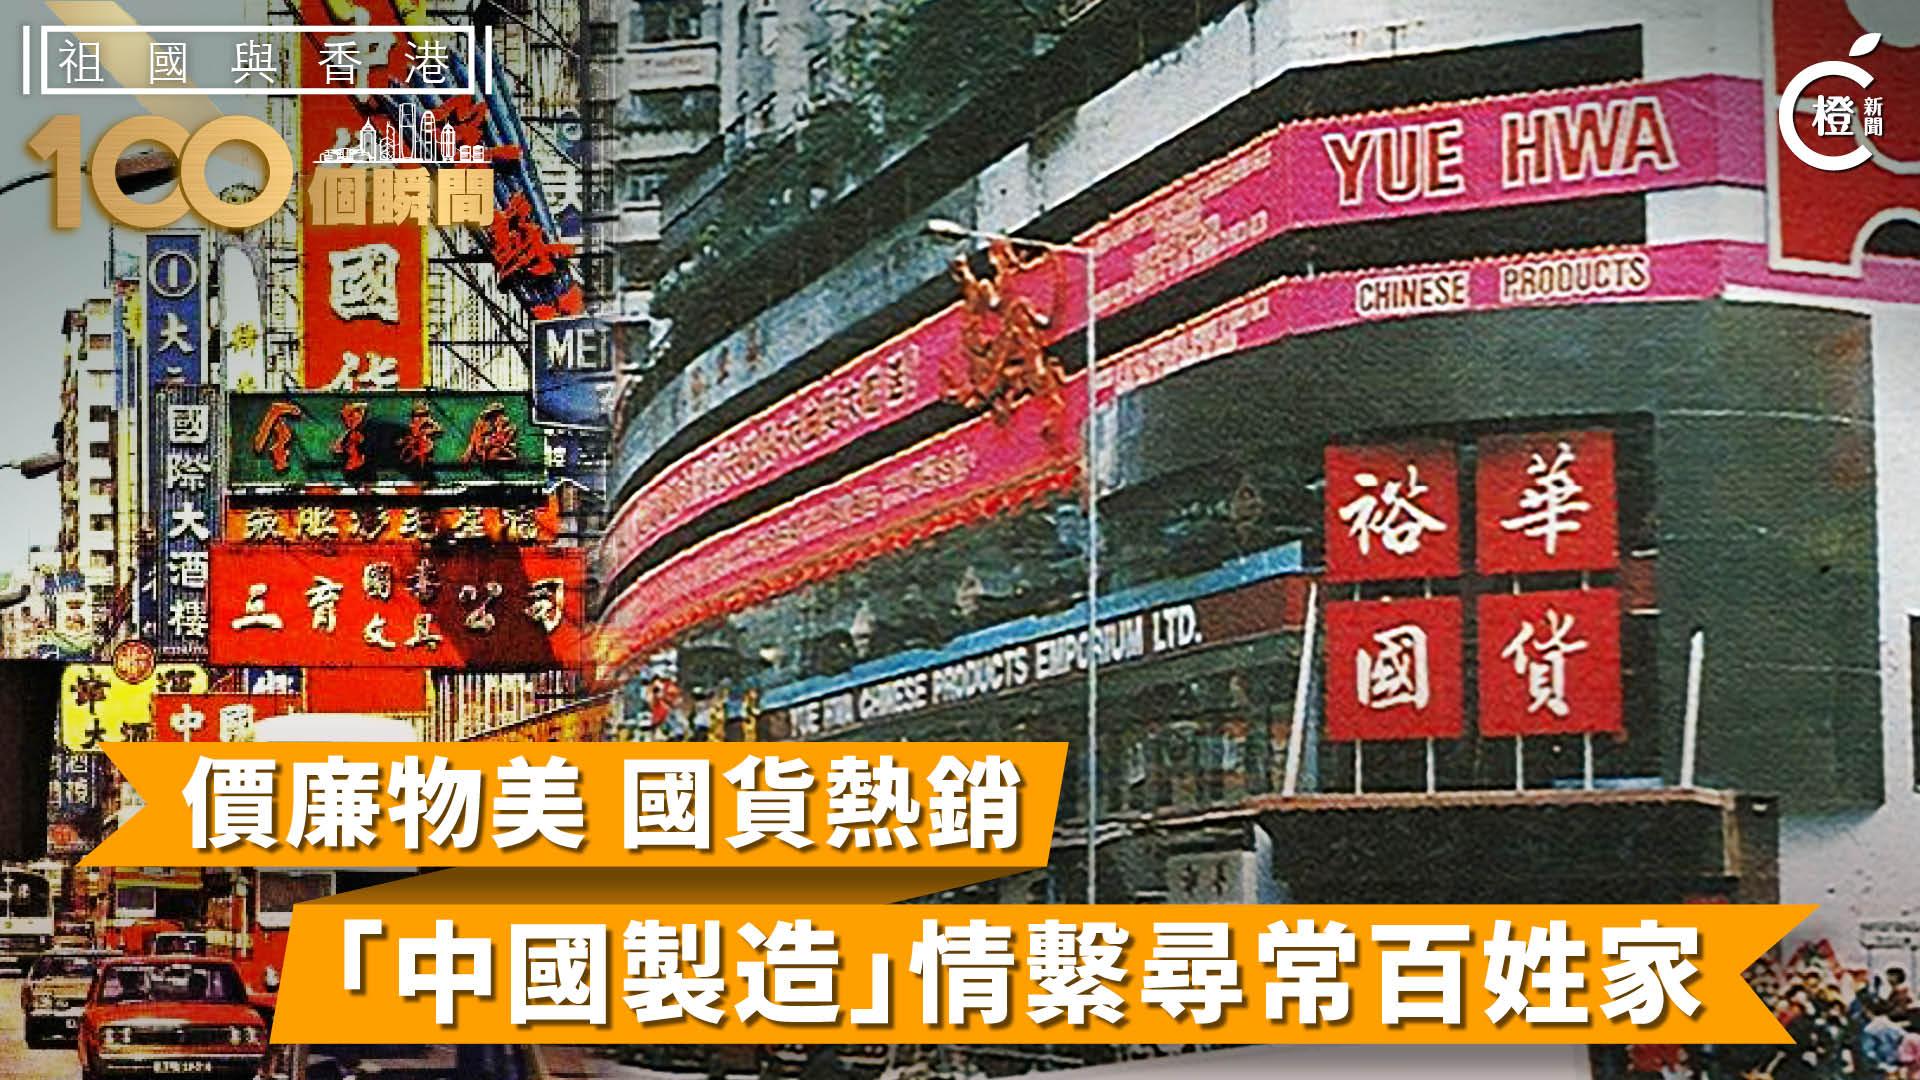 【祖國與香港100個瞬間】國貨助力解決香港民生問題